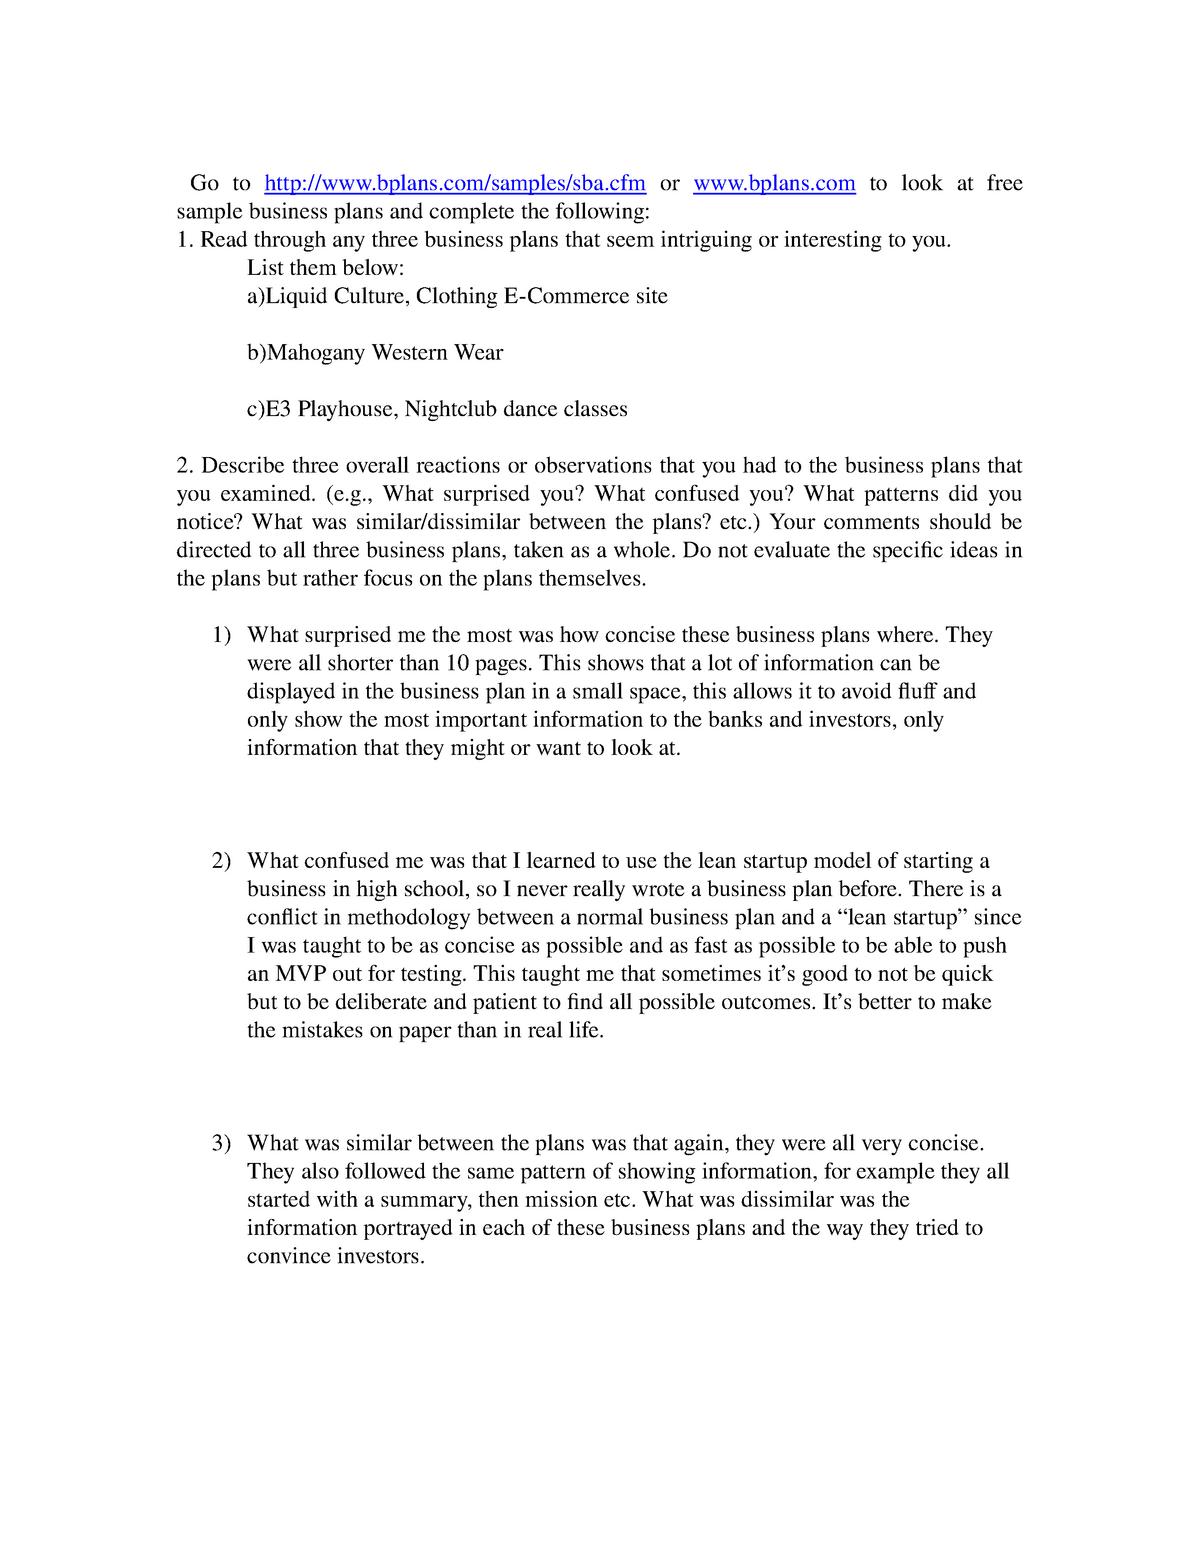 Reviewing Business Plans Entr 6216 Nu Studocu